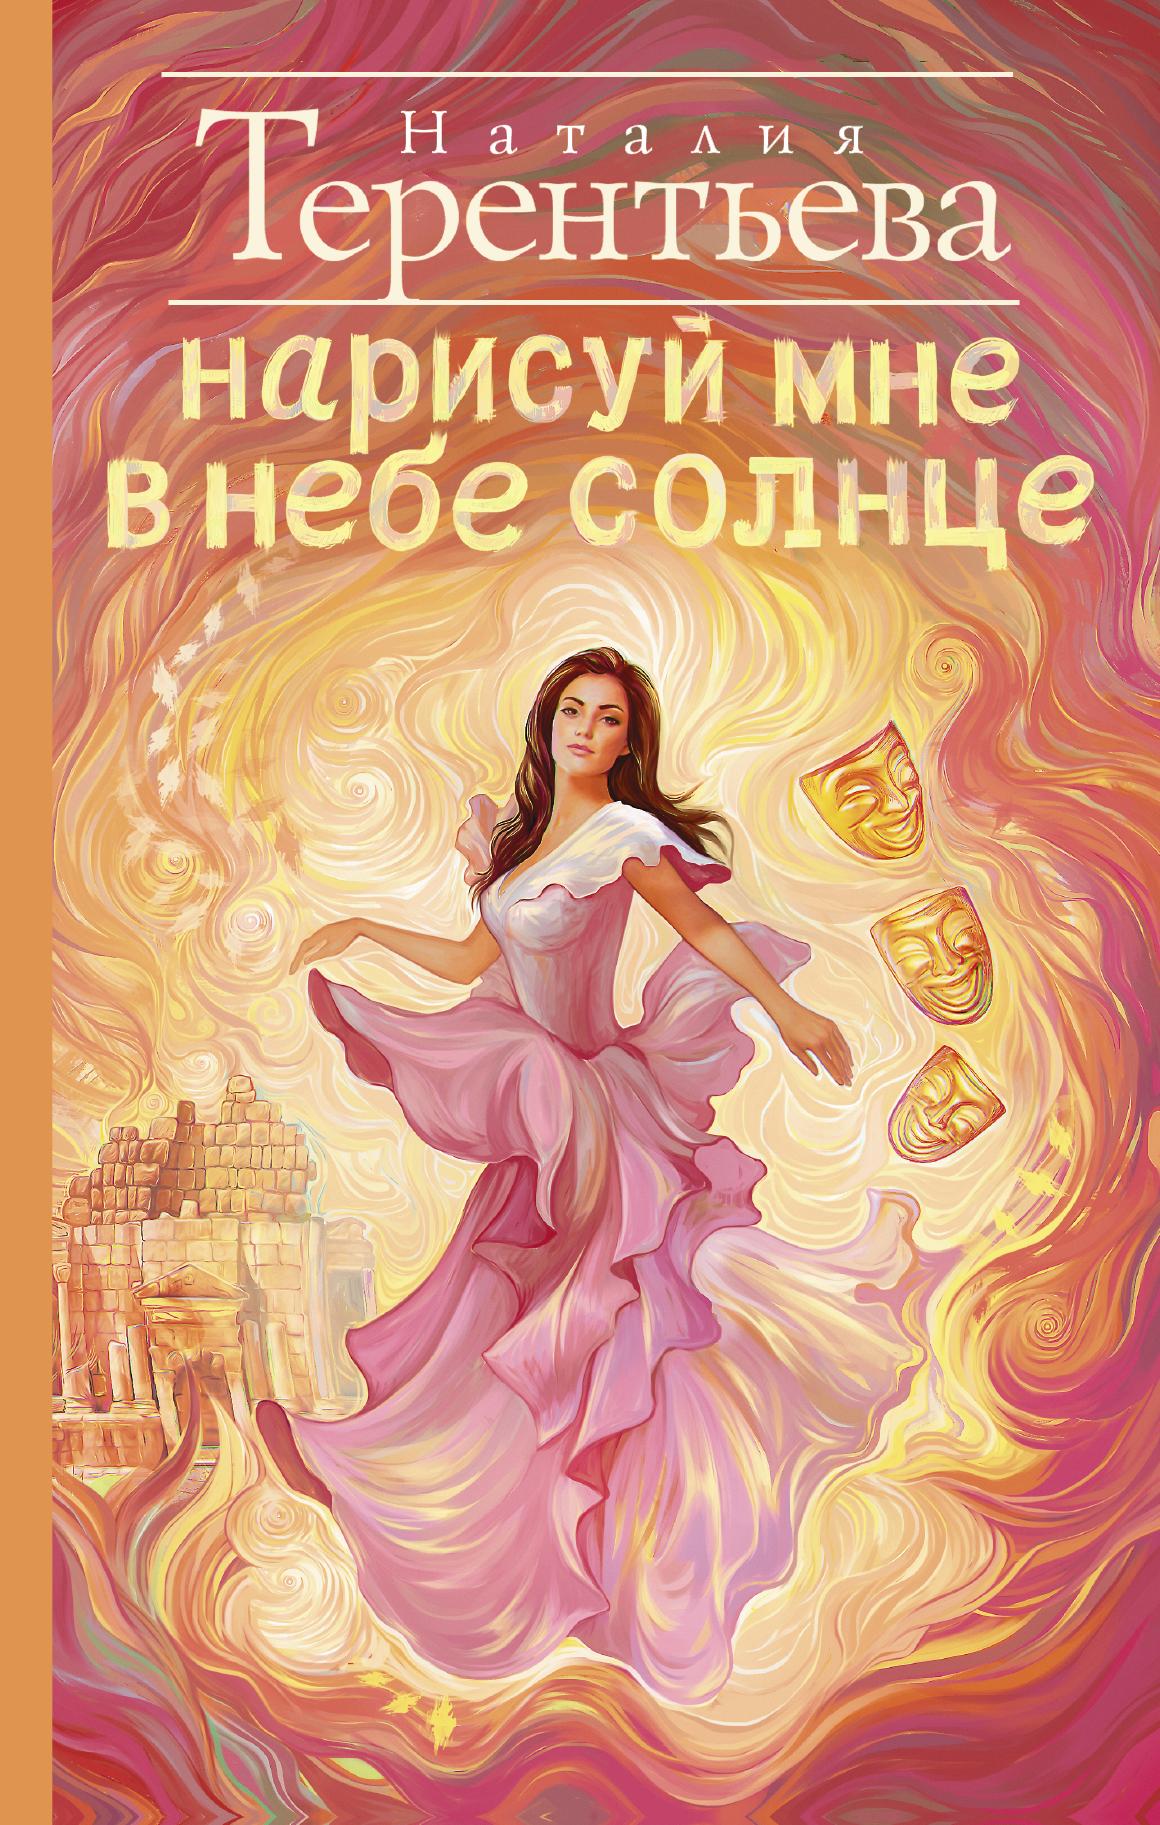 Терентьева Н.М. Нарисуй мне в небе солнце книги издательство аст нарисуй мне в небе солнце